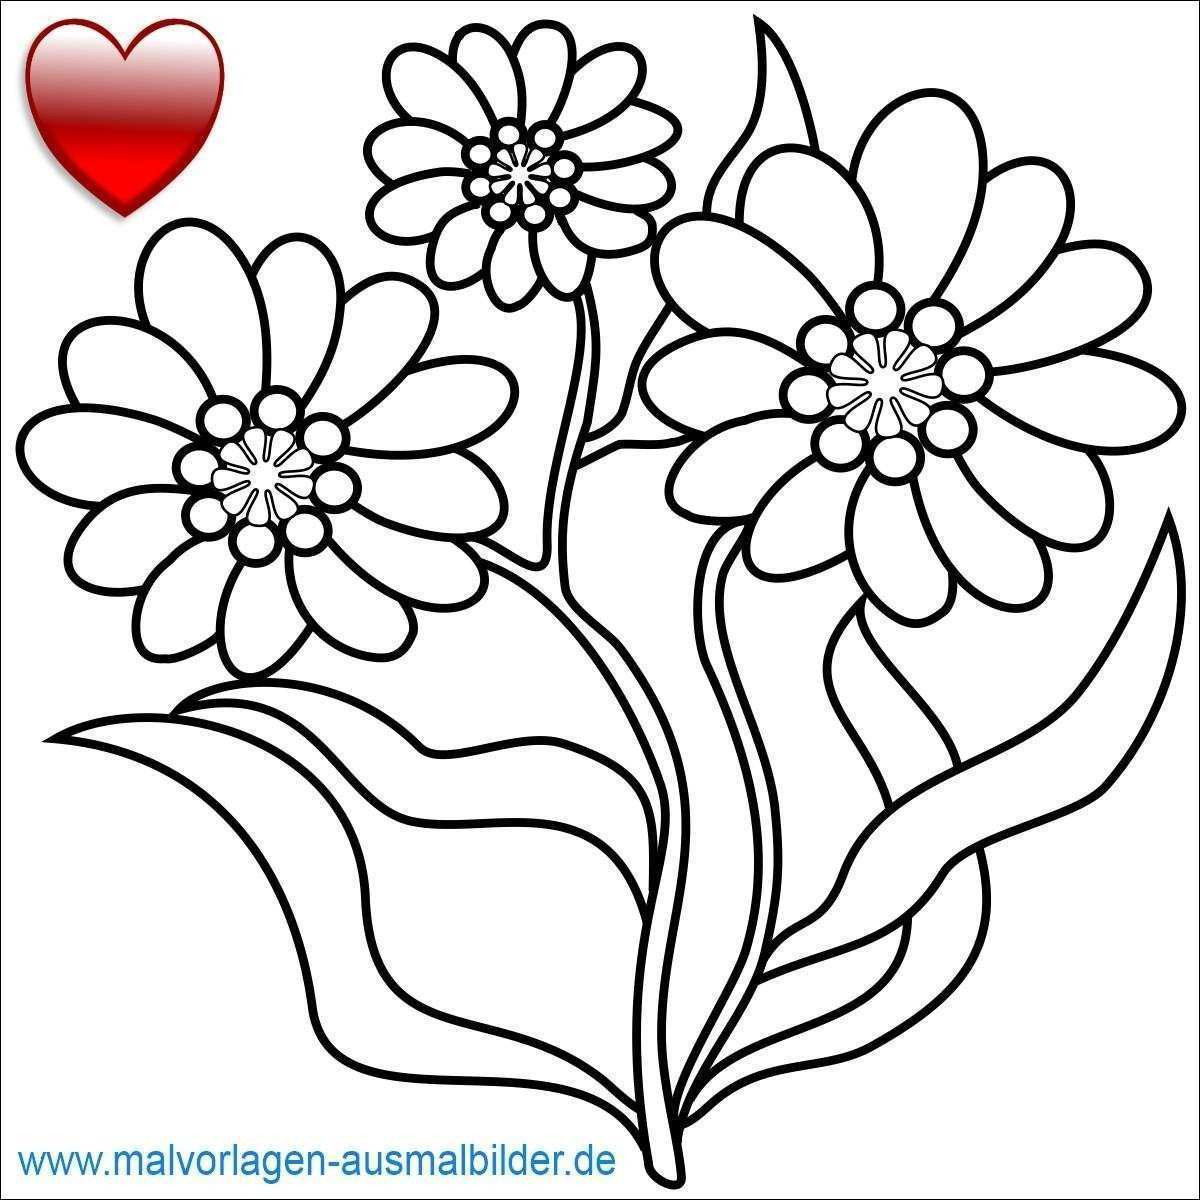 Schmetterling Mit Blume Zum Ausmalen Inspirierend Malvorlagen Schmetterlinge Blumen Bild – Ausmalbilder Ideen Bild